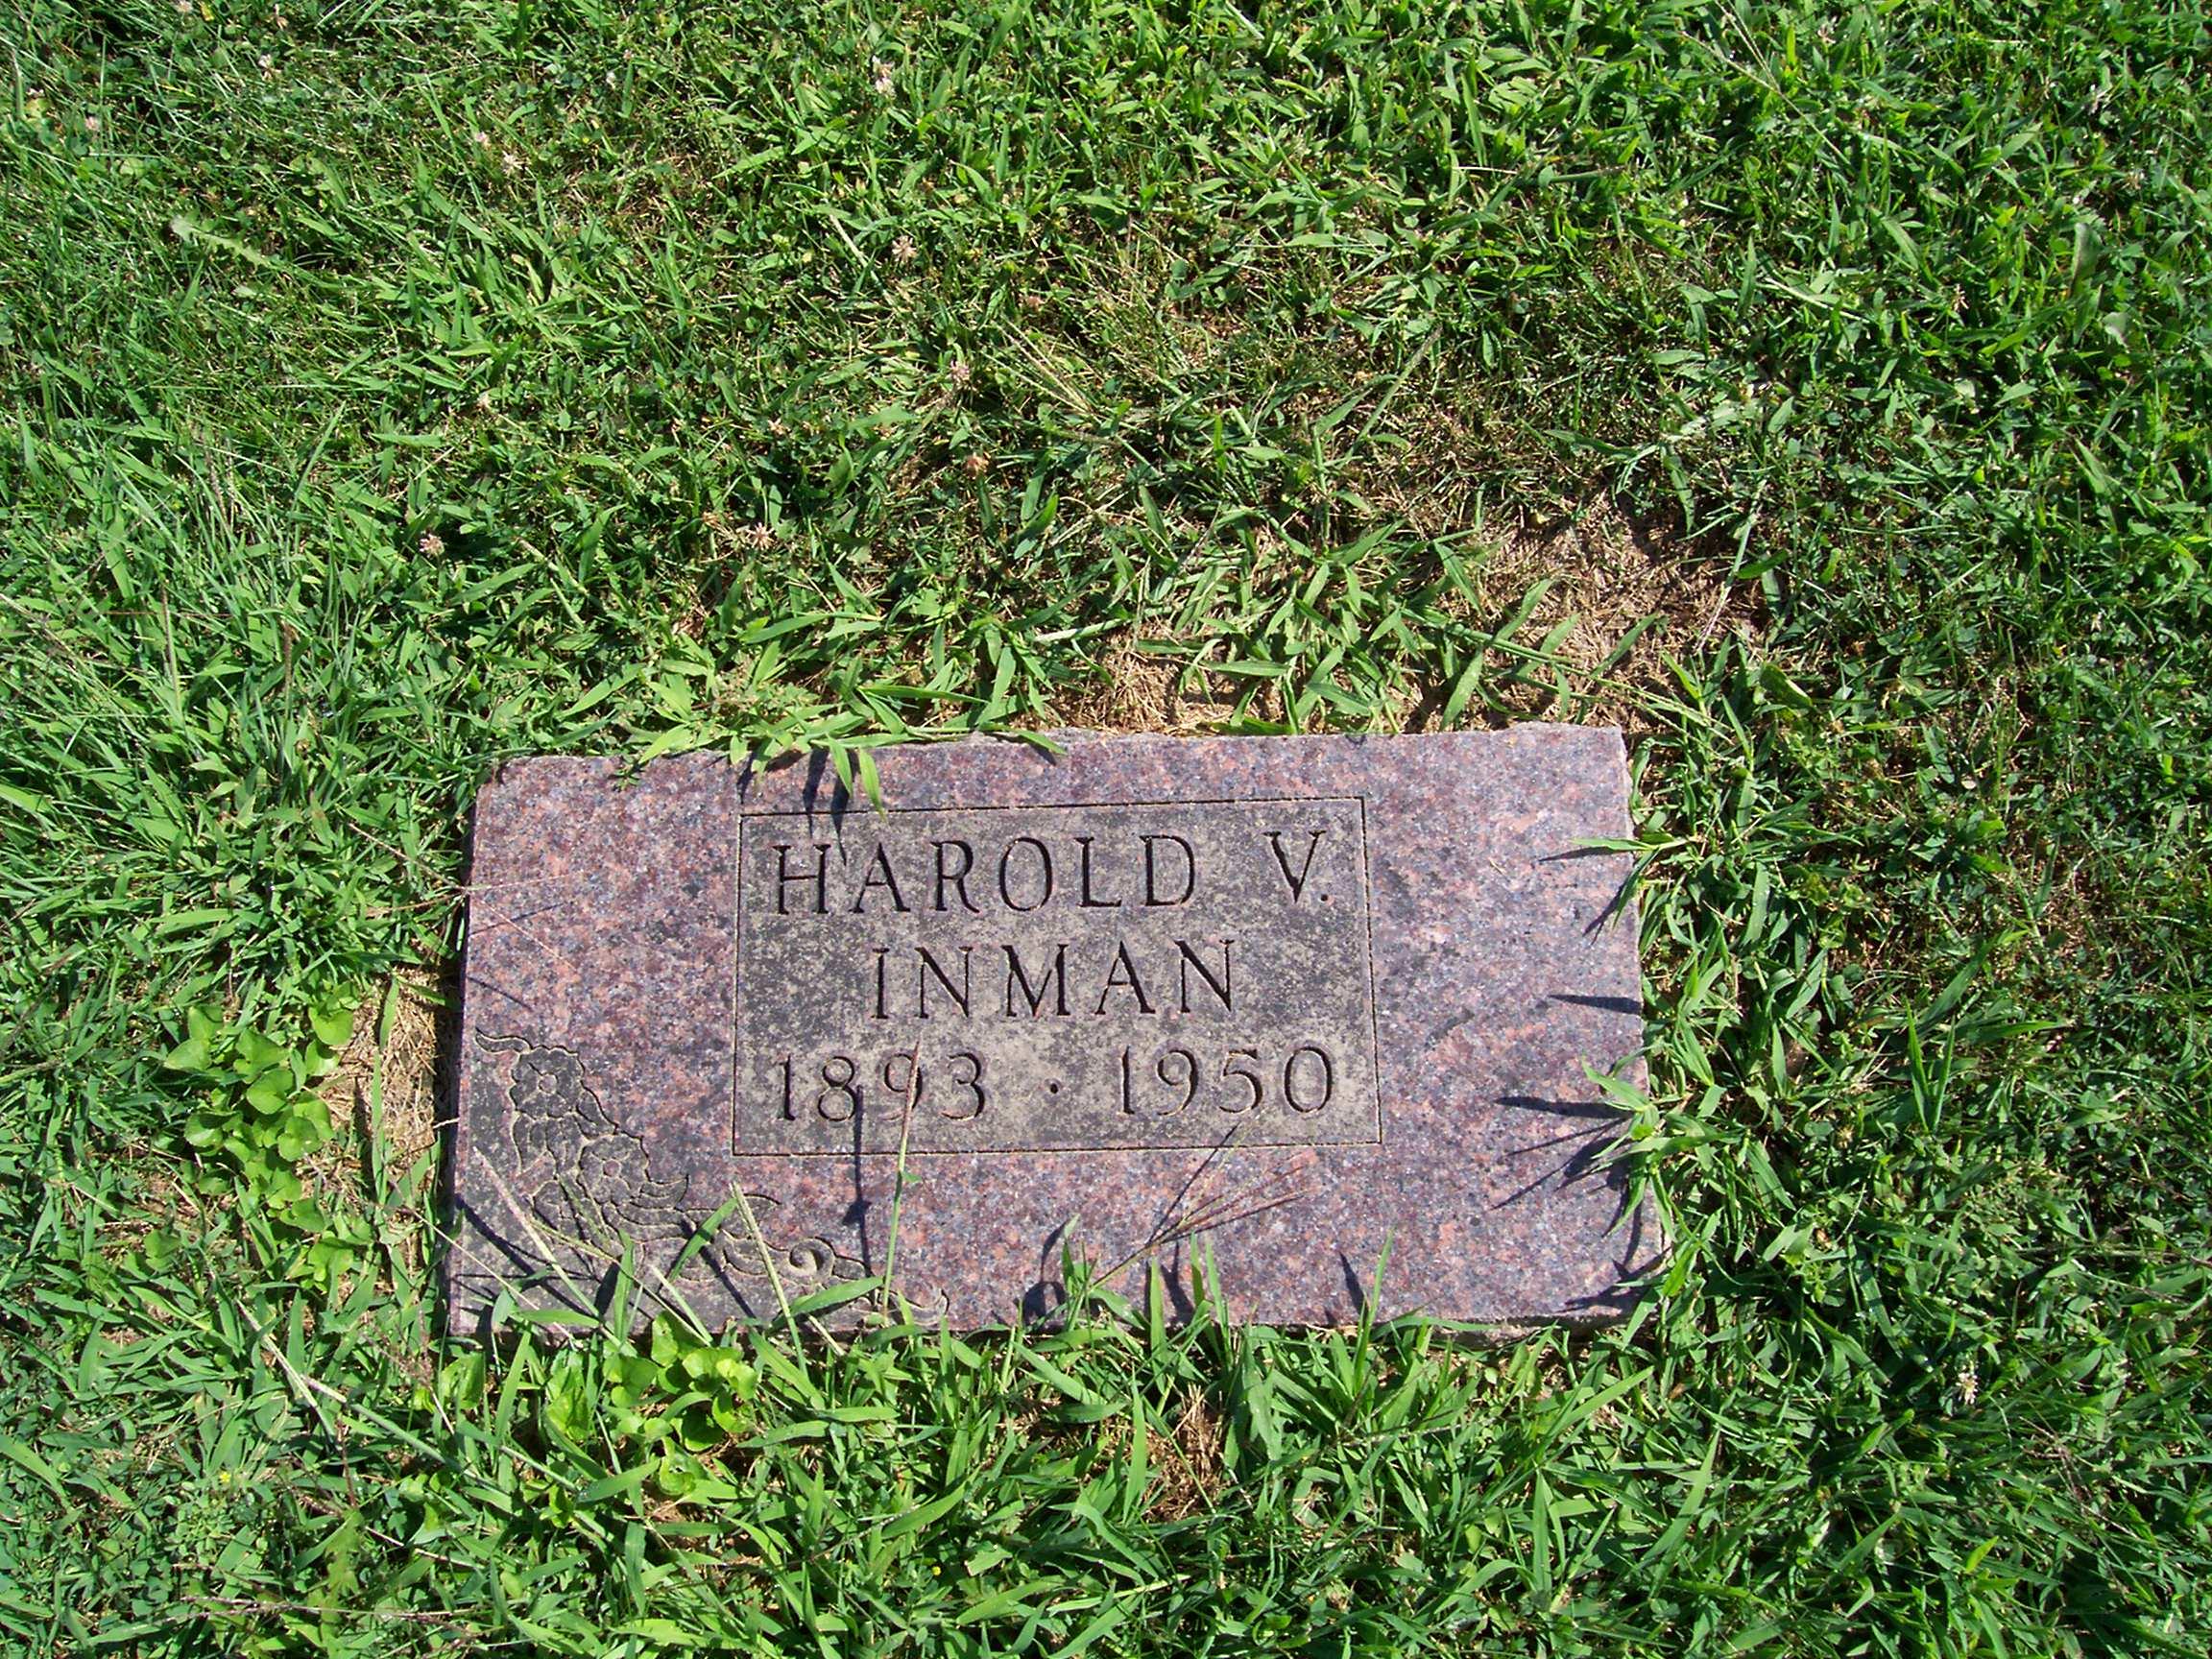 Harold Inman